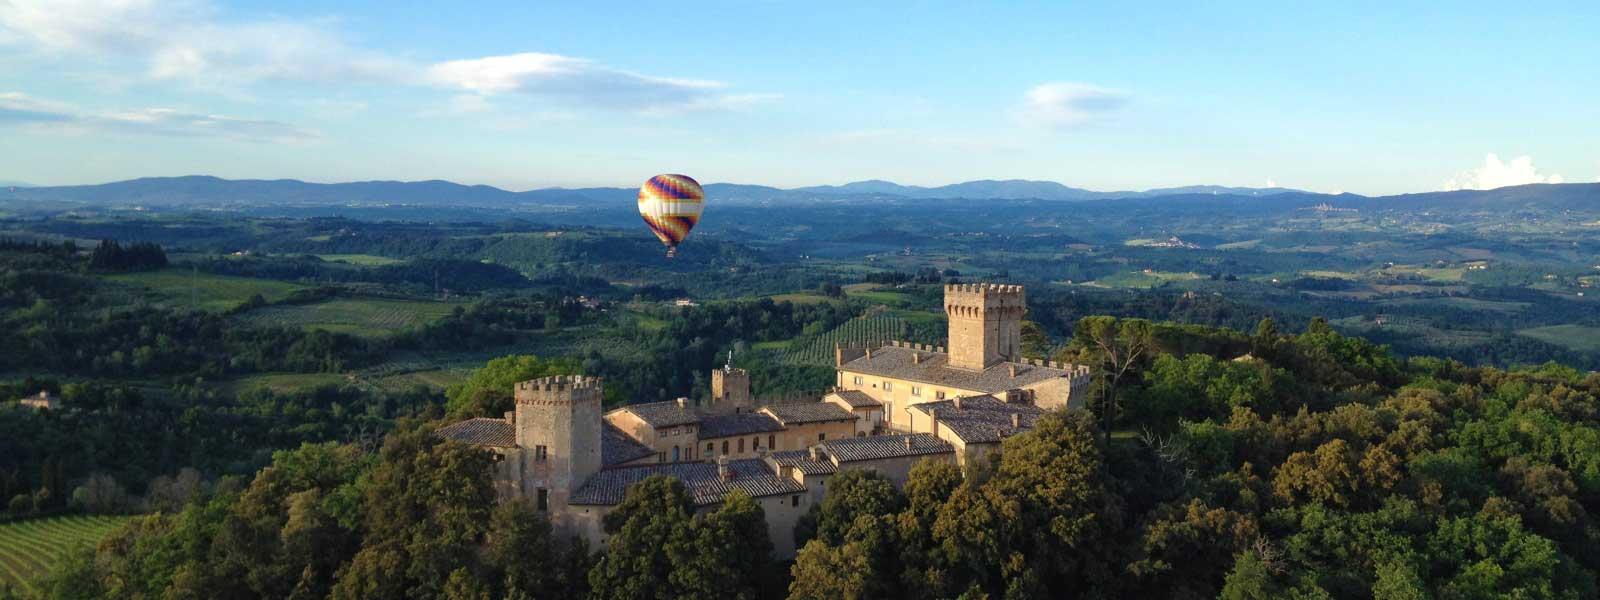 mongolfiera-sul-castello-di-santa-maria-novella